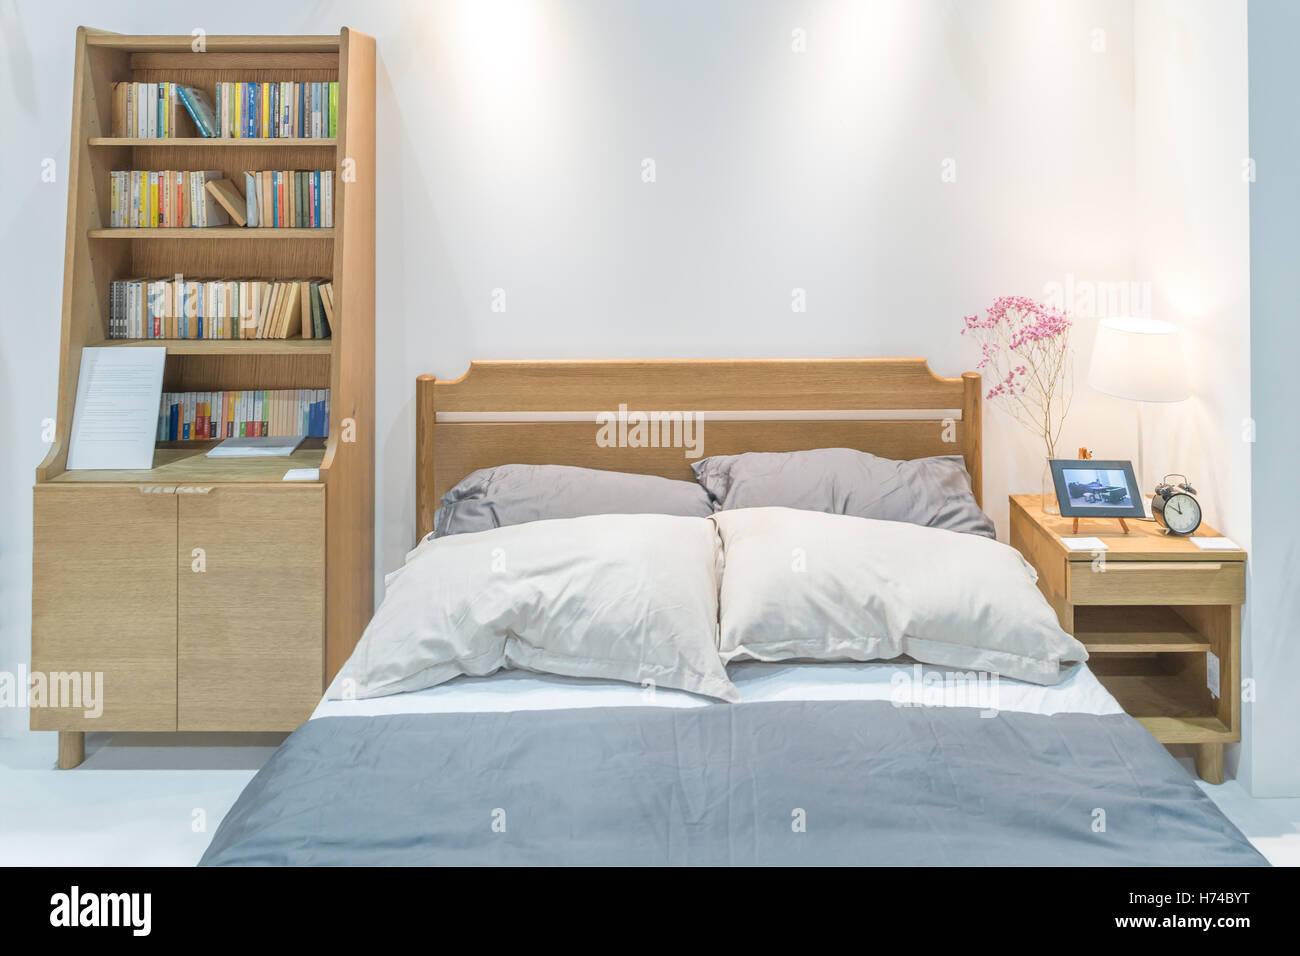 Moderno interiore camera da letto con letto in legno e ...